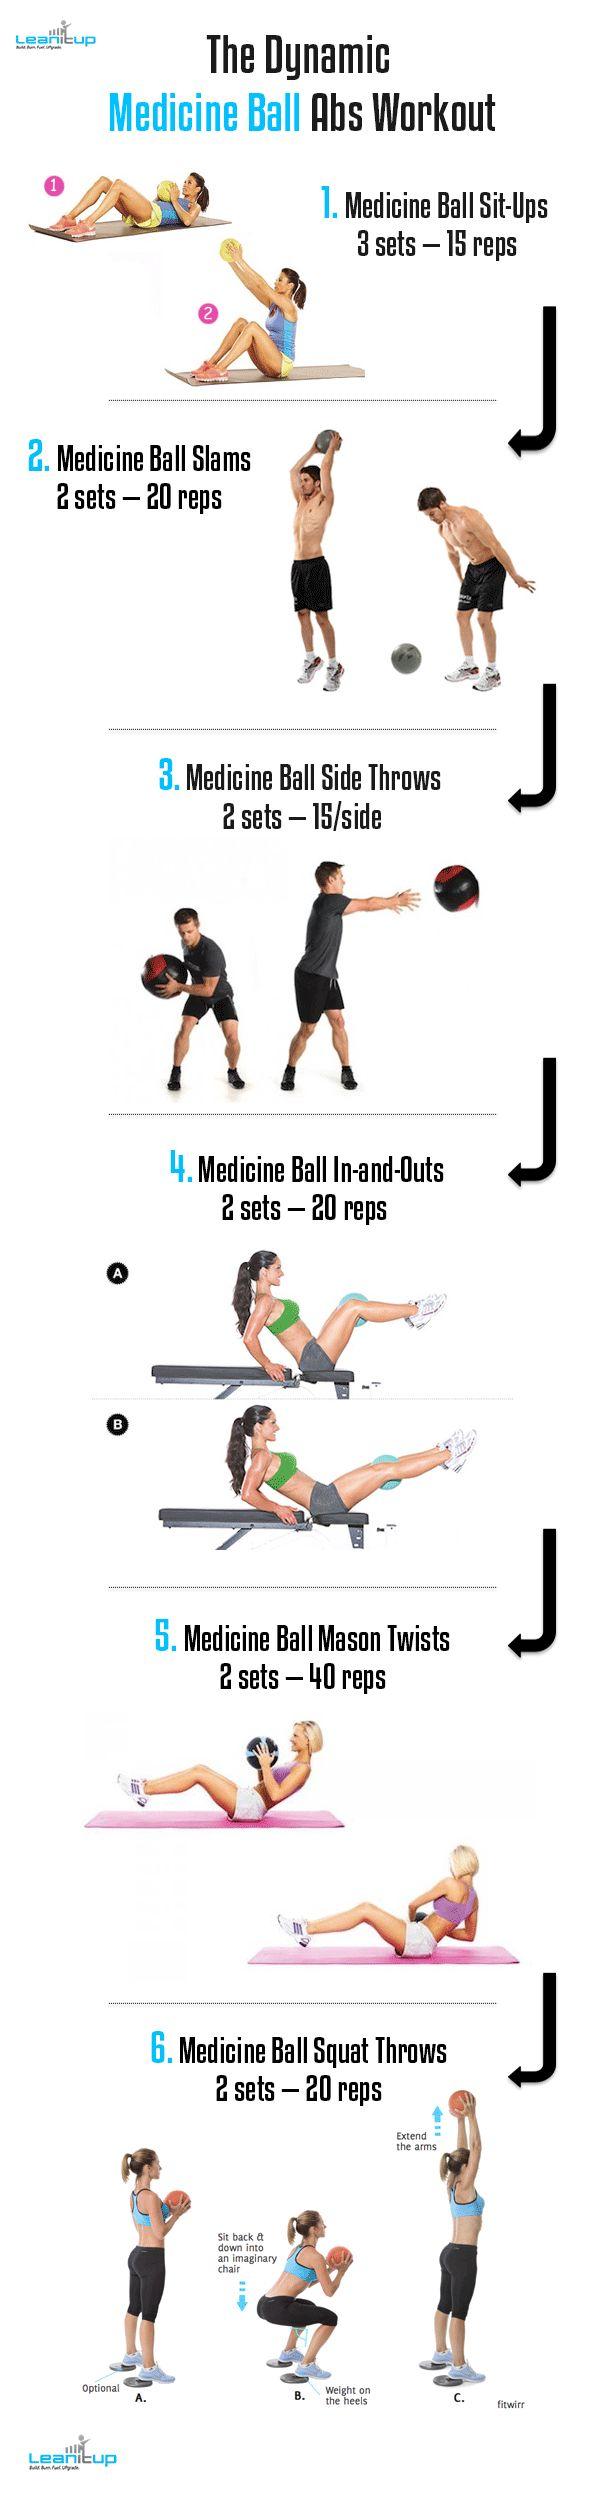 el hacer ejercicio o practicar una nueva actividad te da mucha mas energia en tu dia a dia